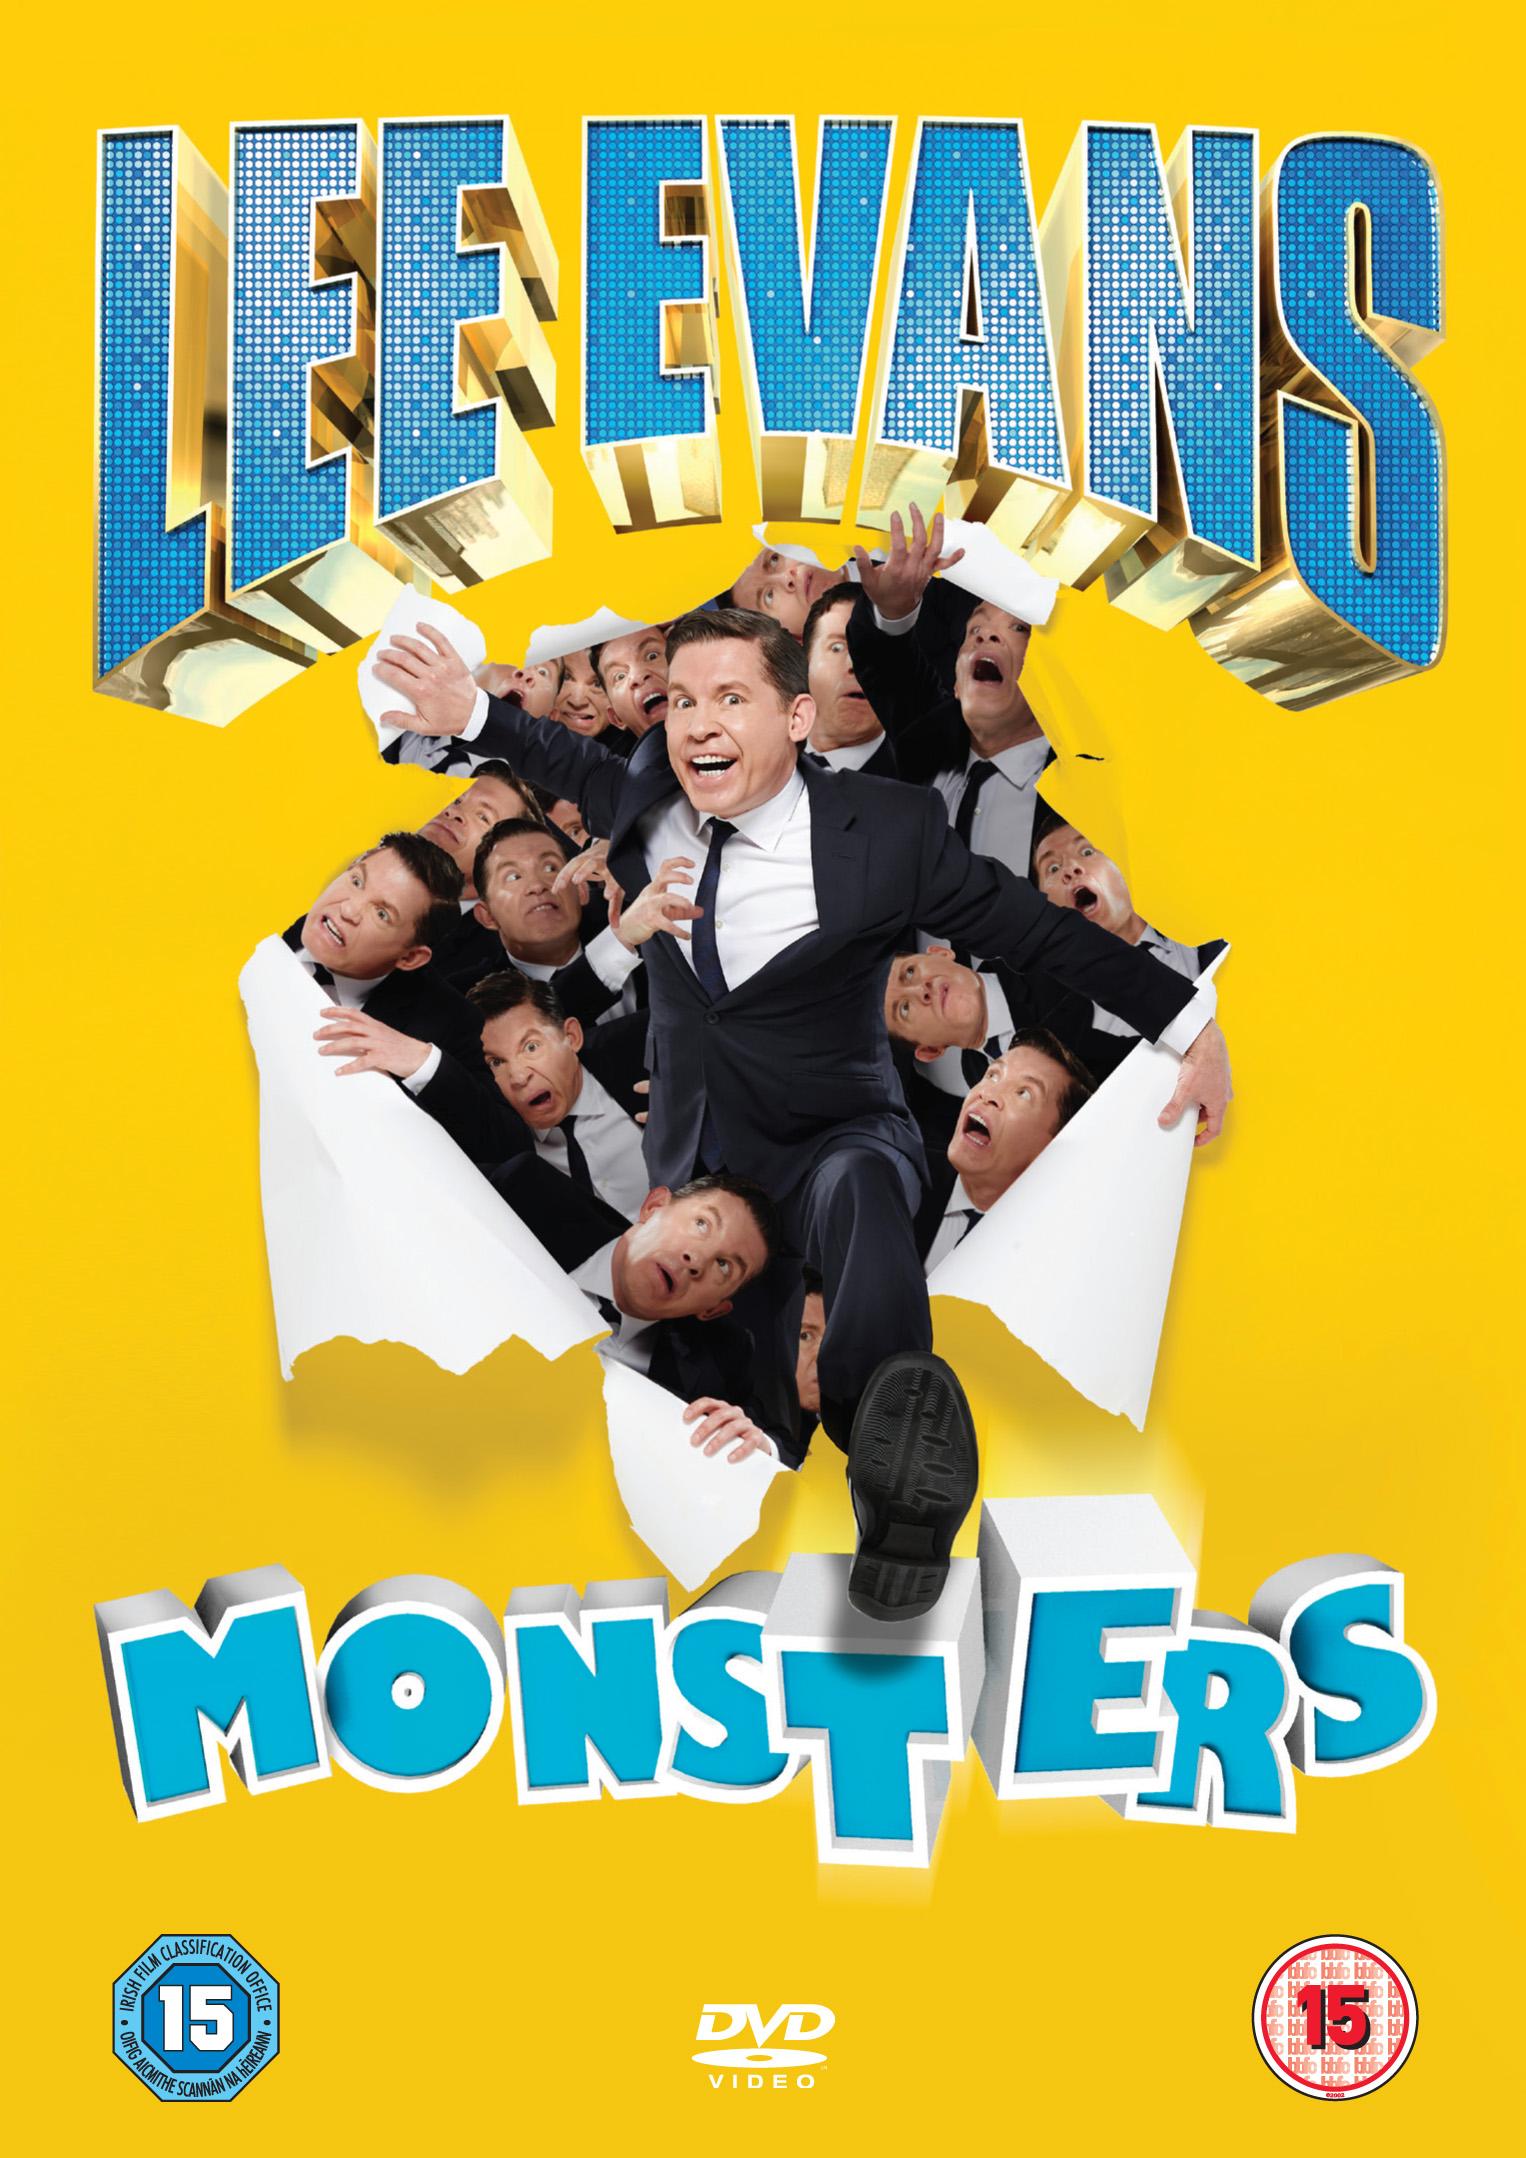 LeeEvans_Monsters_UK_IE_ENG_DVD_Retail_Sleeve_8300000-11.indd